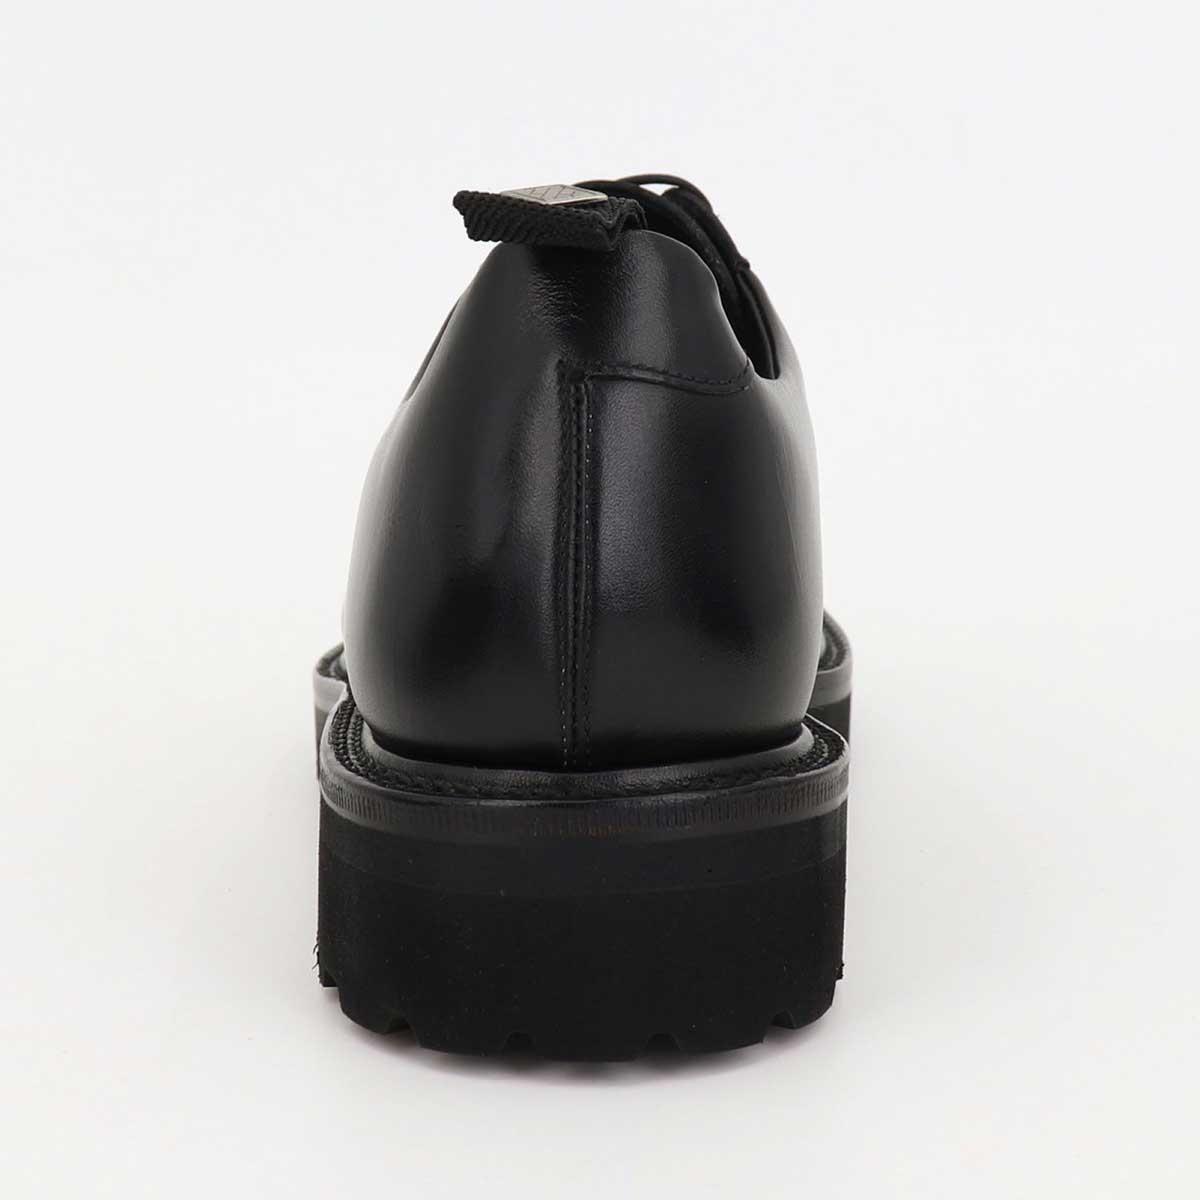 ダブルエイチ WH メンズ カーフレザー 外羽根式 プレーントゥ オックスフォードシューズ 干場氏別注モデル WH2S-0001 BLK(ブラック)